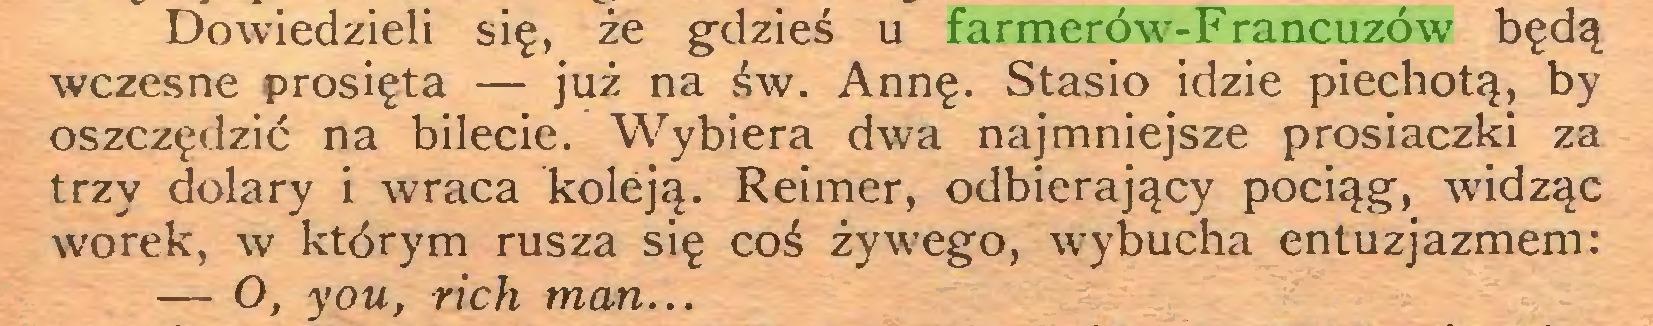 (...) Dowiedzieli się, że gdzieś u farmerów-Francuzów będą wczesne prosięta — już na św. Annę. Stasio idzie piechotą, by oszczędzić na bilecie. Wybiera dwa najmniejsze prosiaczki za trzy dolary i wraca koleją. Reimer, odbierający pociąg, widząc worek, w którym rusza się coś żywego, wybucha entuzjazmem: — O, you, rich man...